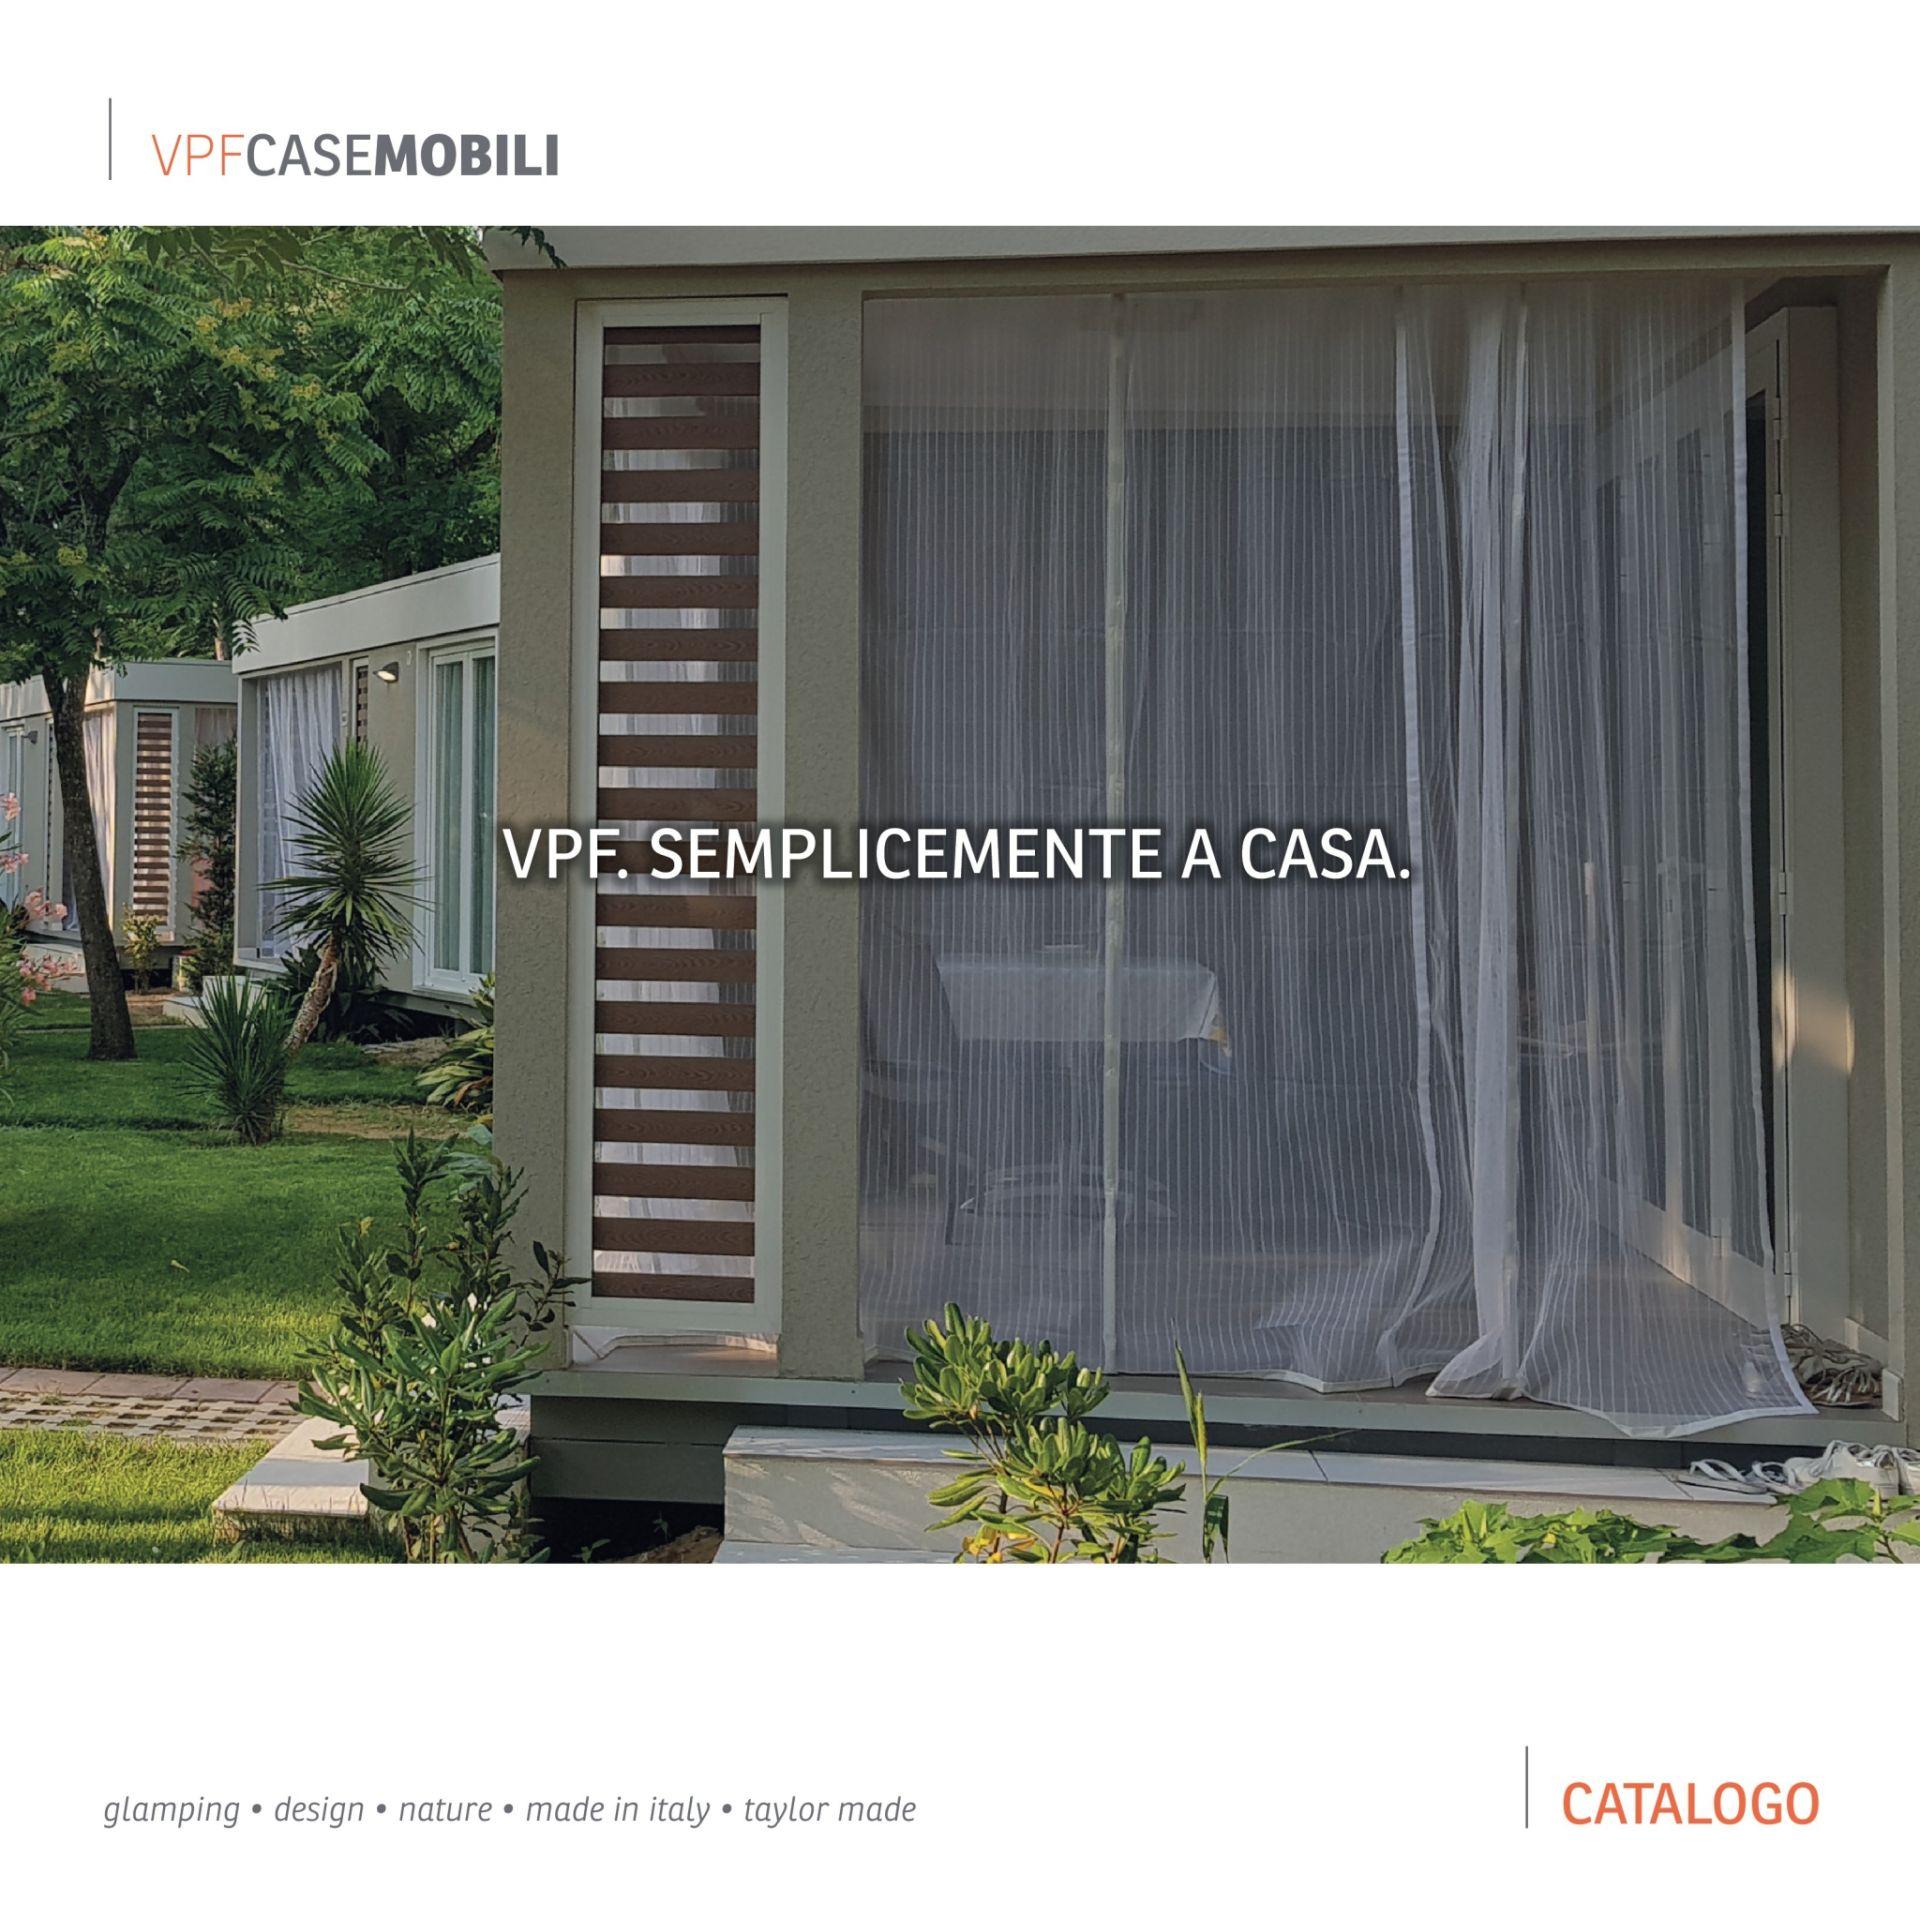 Catalogo case mobili vpf edizione 2019 for Catalogo case